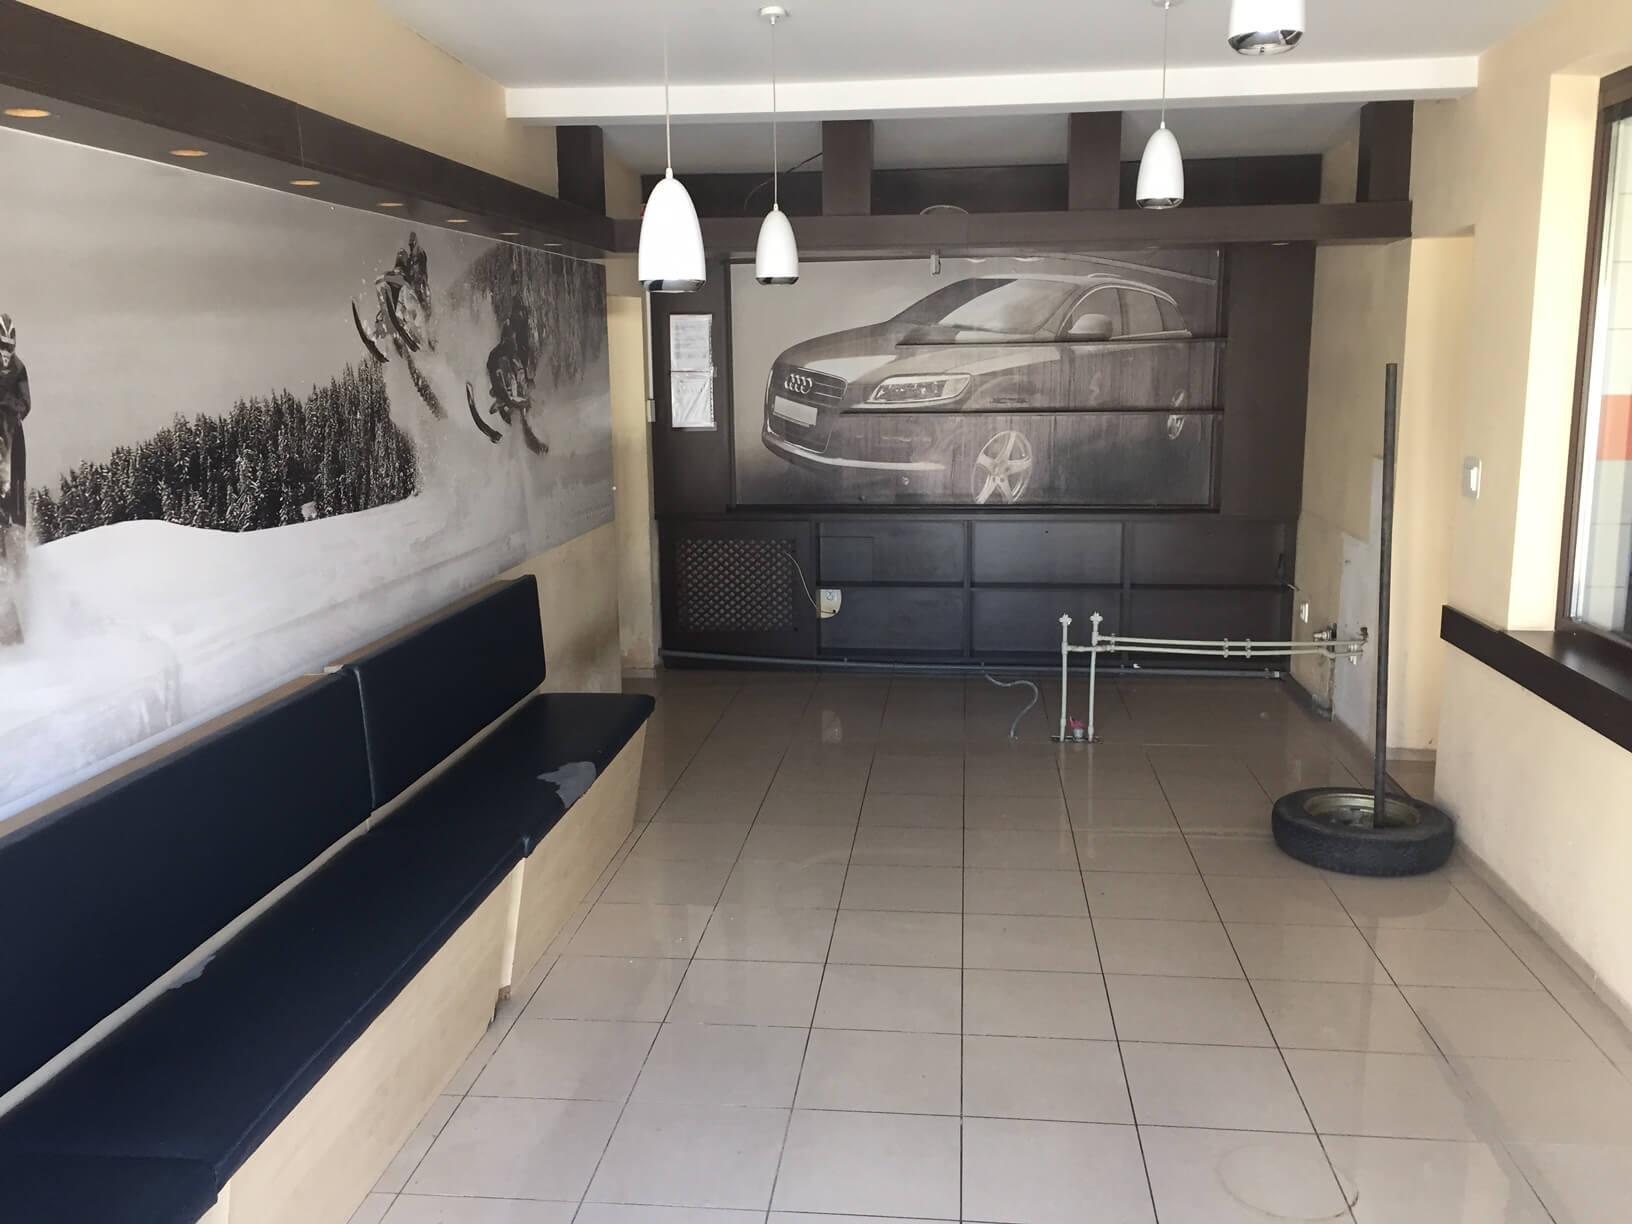 Predané: Predaj obchodného priestoru, najlepšie pre Autoservis, Pezinok, Ulica Mýtna/Šenkvická cesta. 240 m2-28